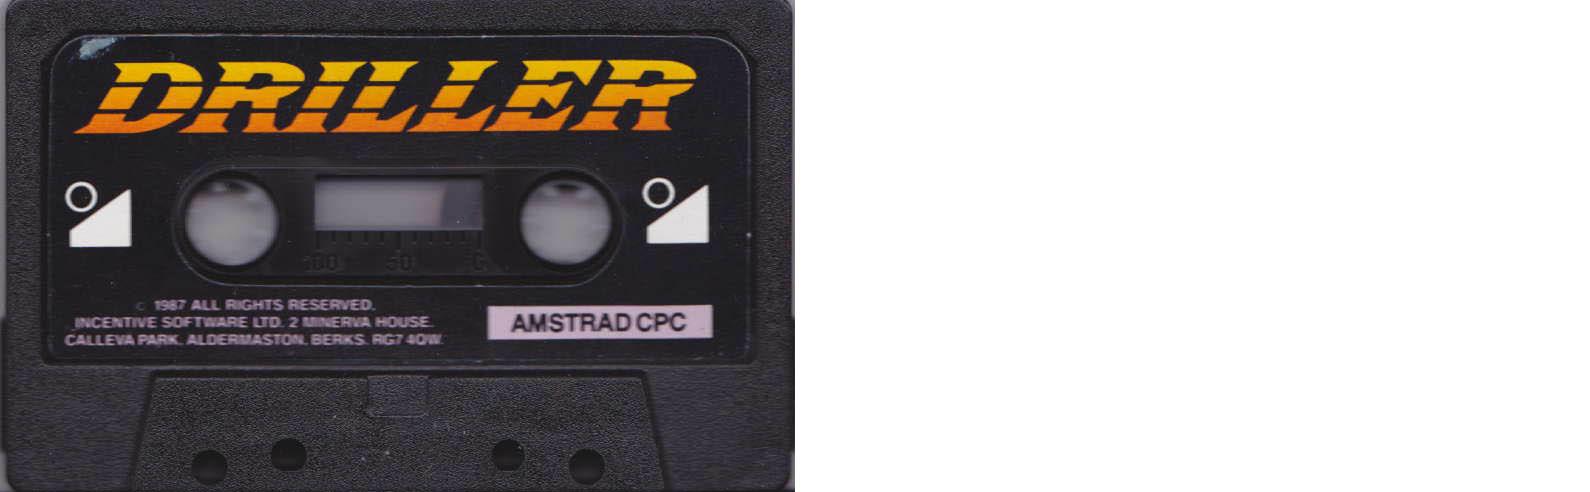 http://www.dizionariovideogiochi.it/lib/exe/fetch.php?cache=&media=luglio11:driller_-_cassette_-_02.jpg